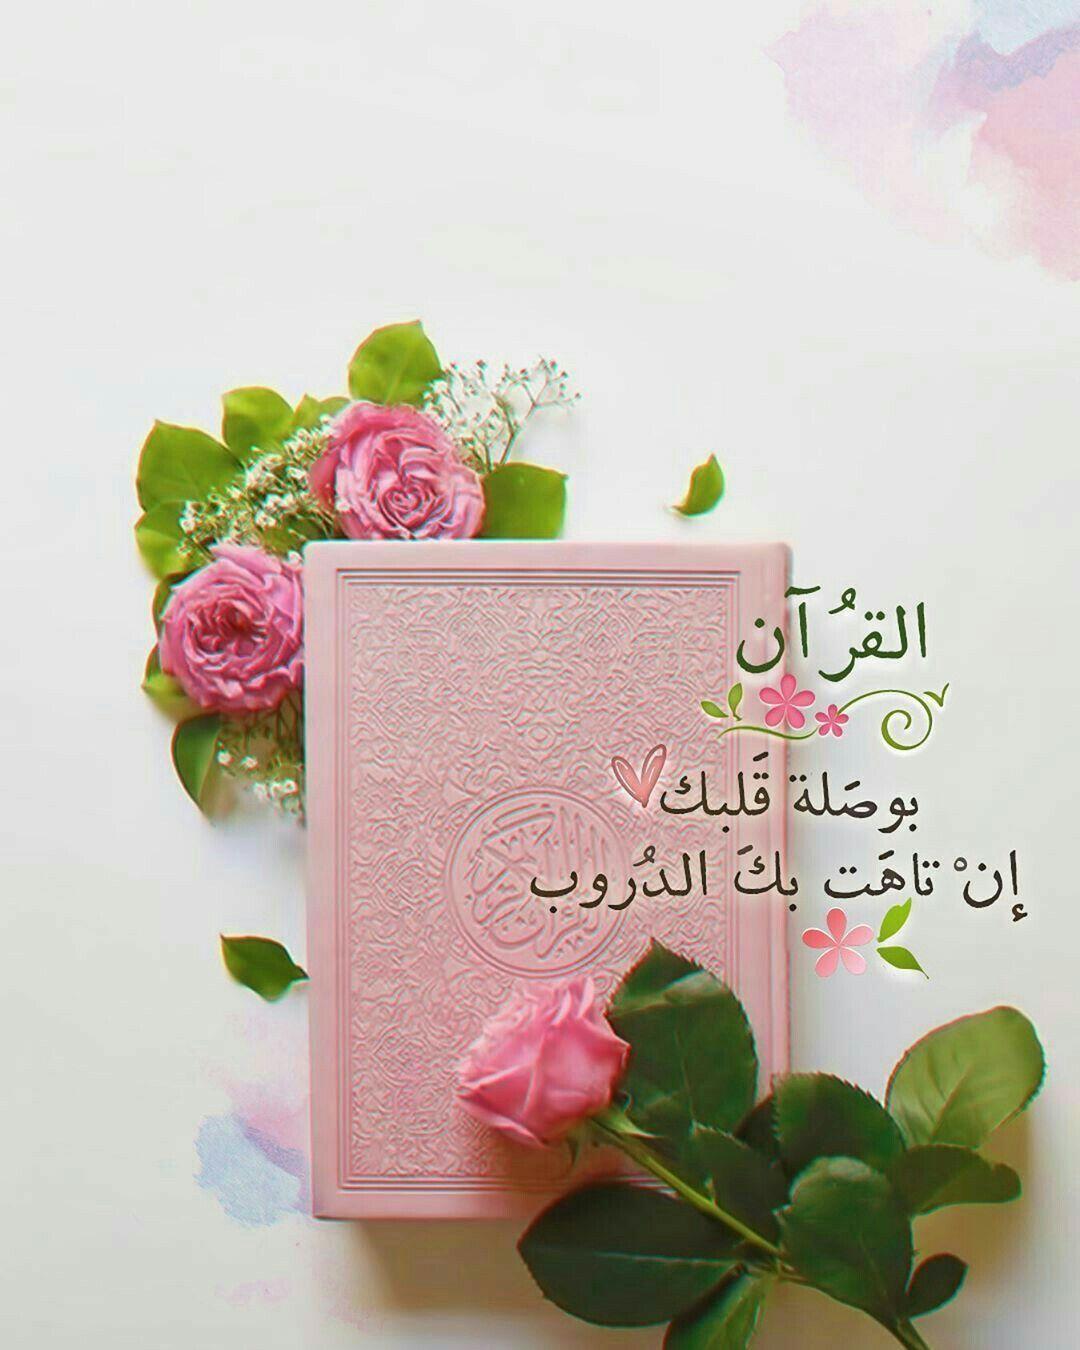 خواطر صباحية دينية Islamic Messages Quran Wallpaper Islamic Images